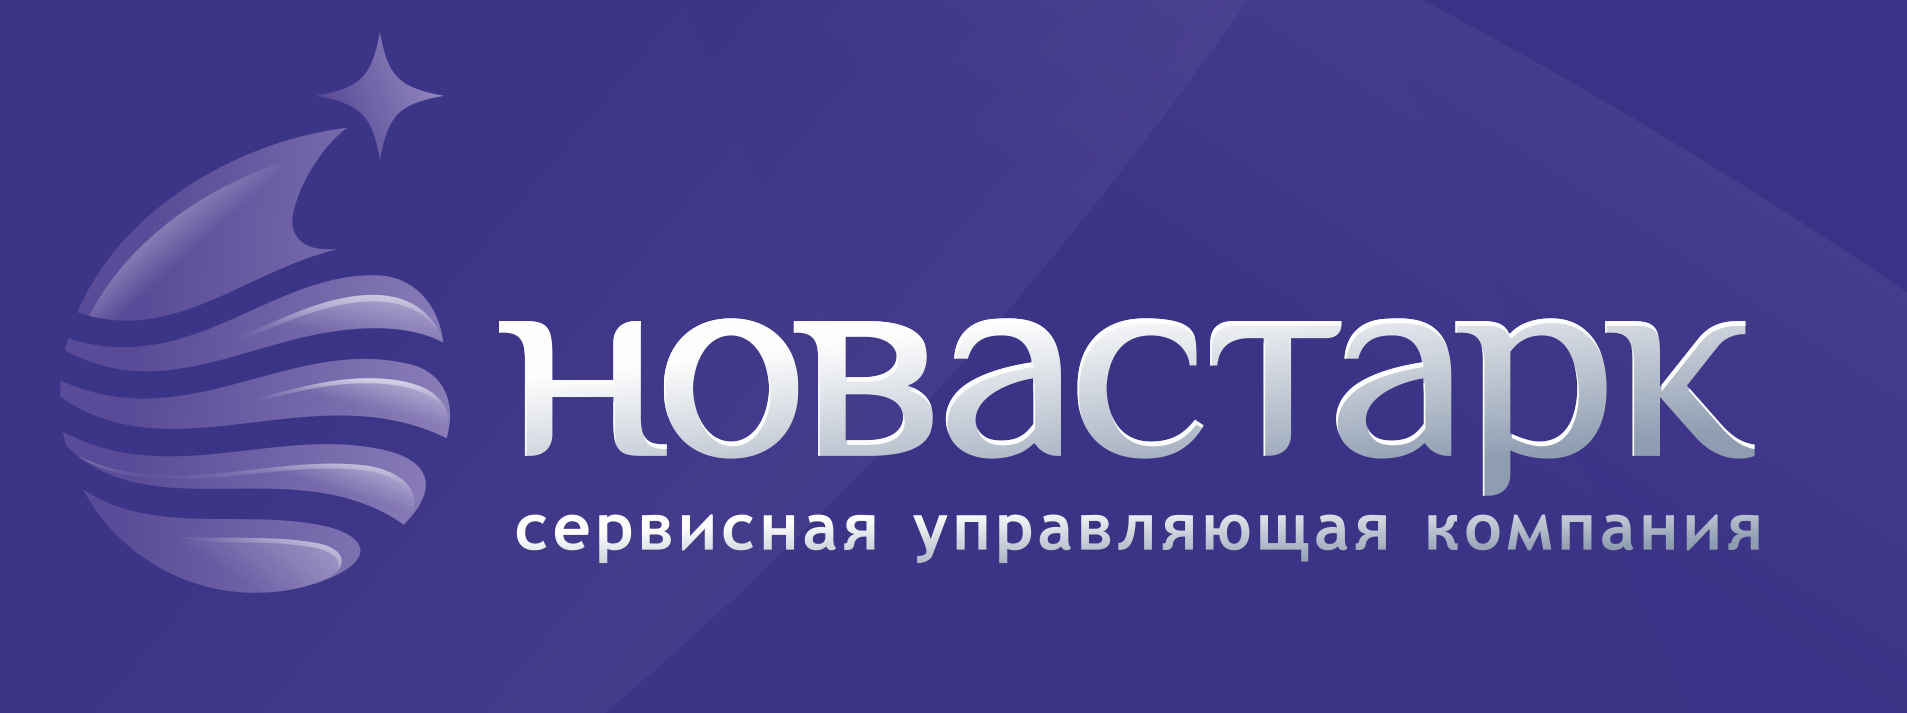 Сервисная управляющая компания  Новастарк